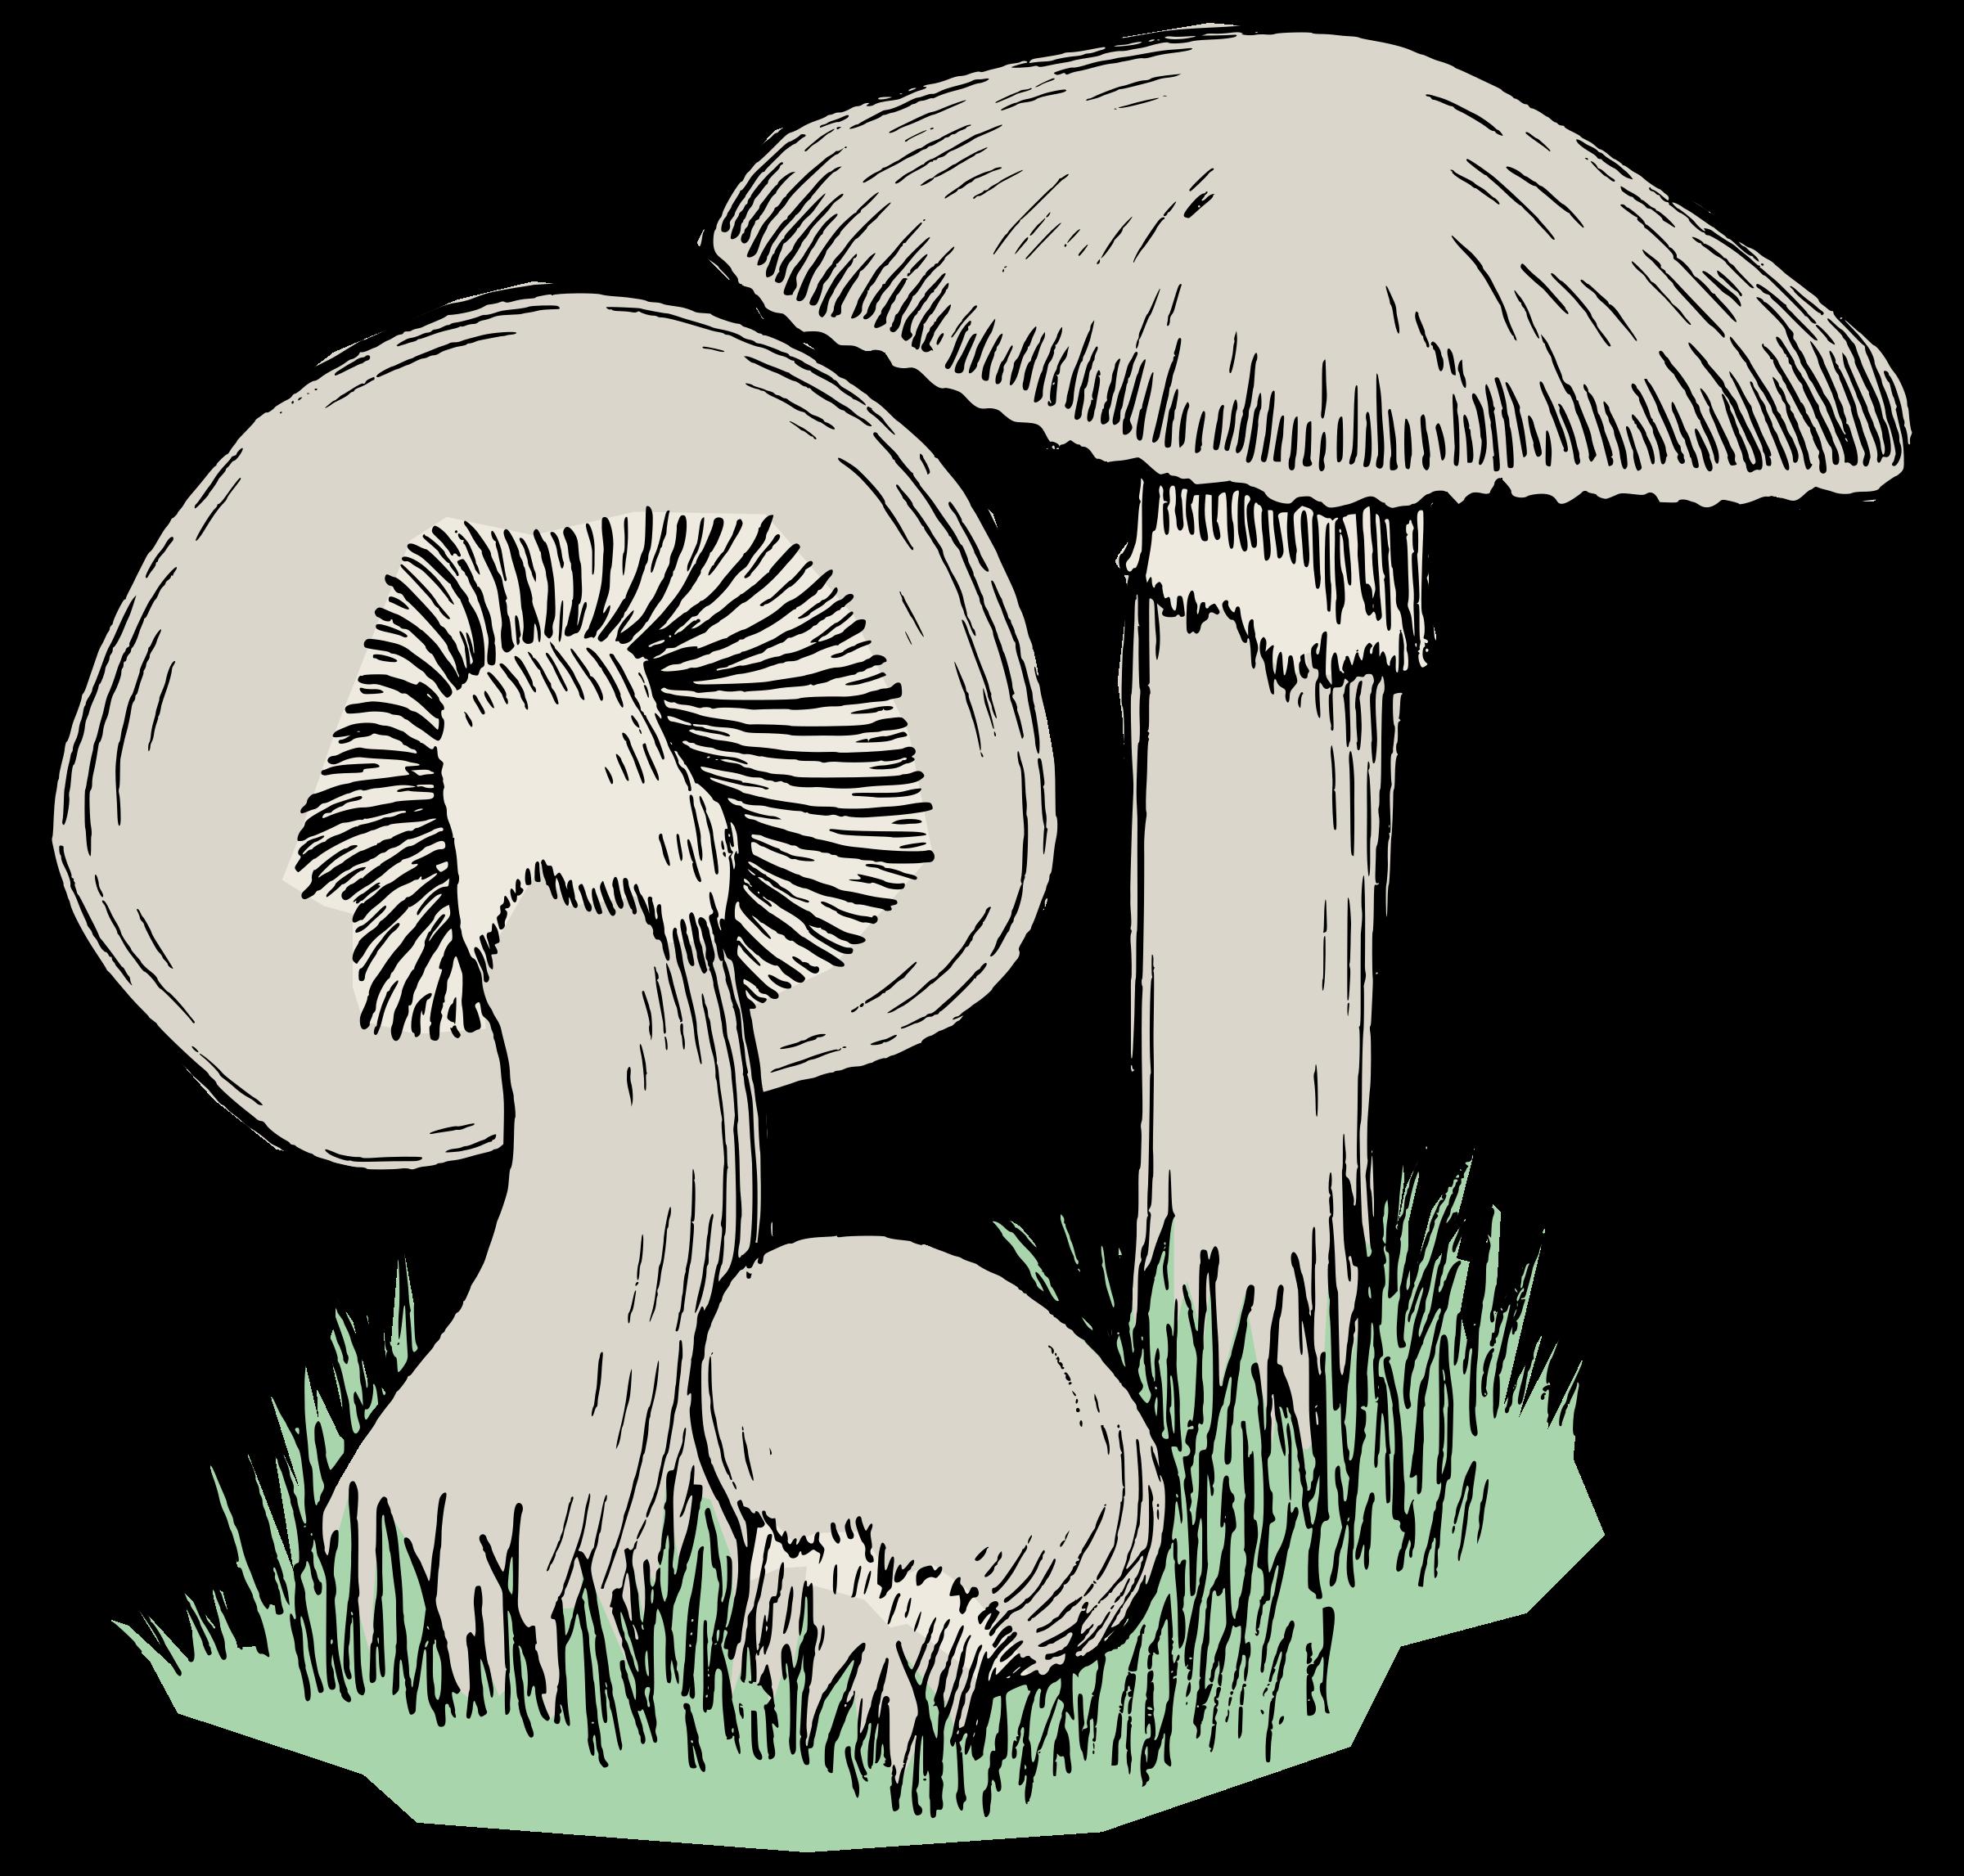 Mushroom clipart mushroom tree. Mushrooms colour big image